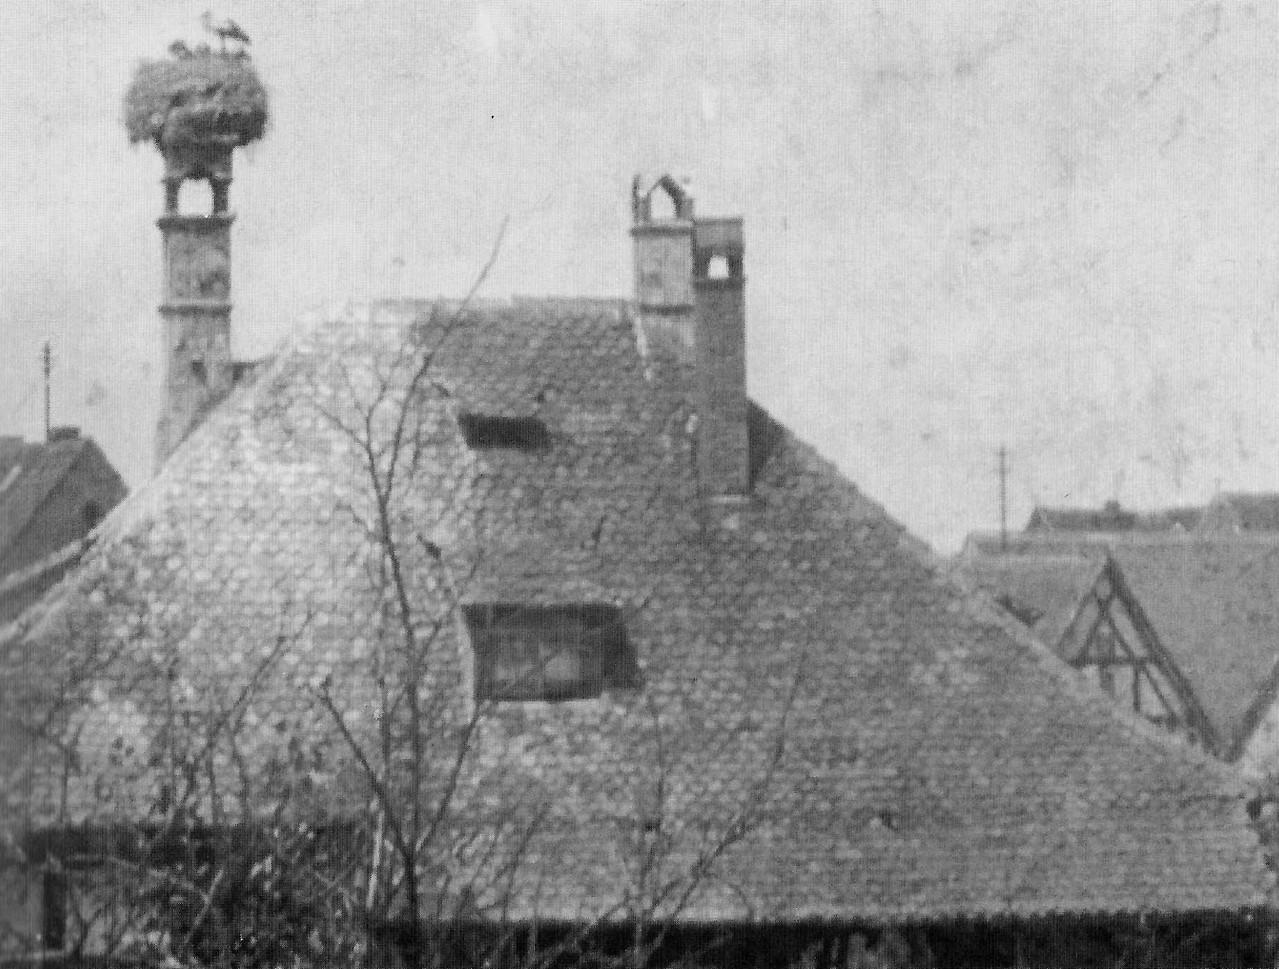 Der große Kamin war bei Storchens immer ein beliebter Nestplatz.